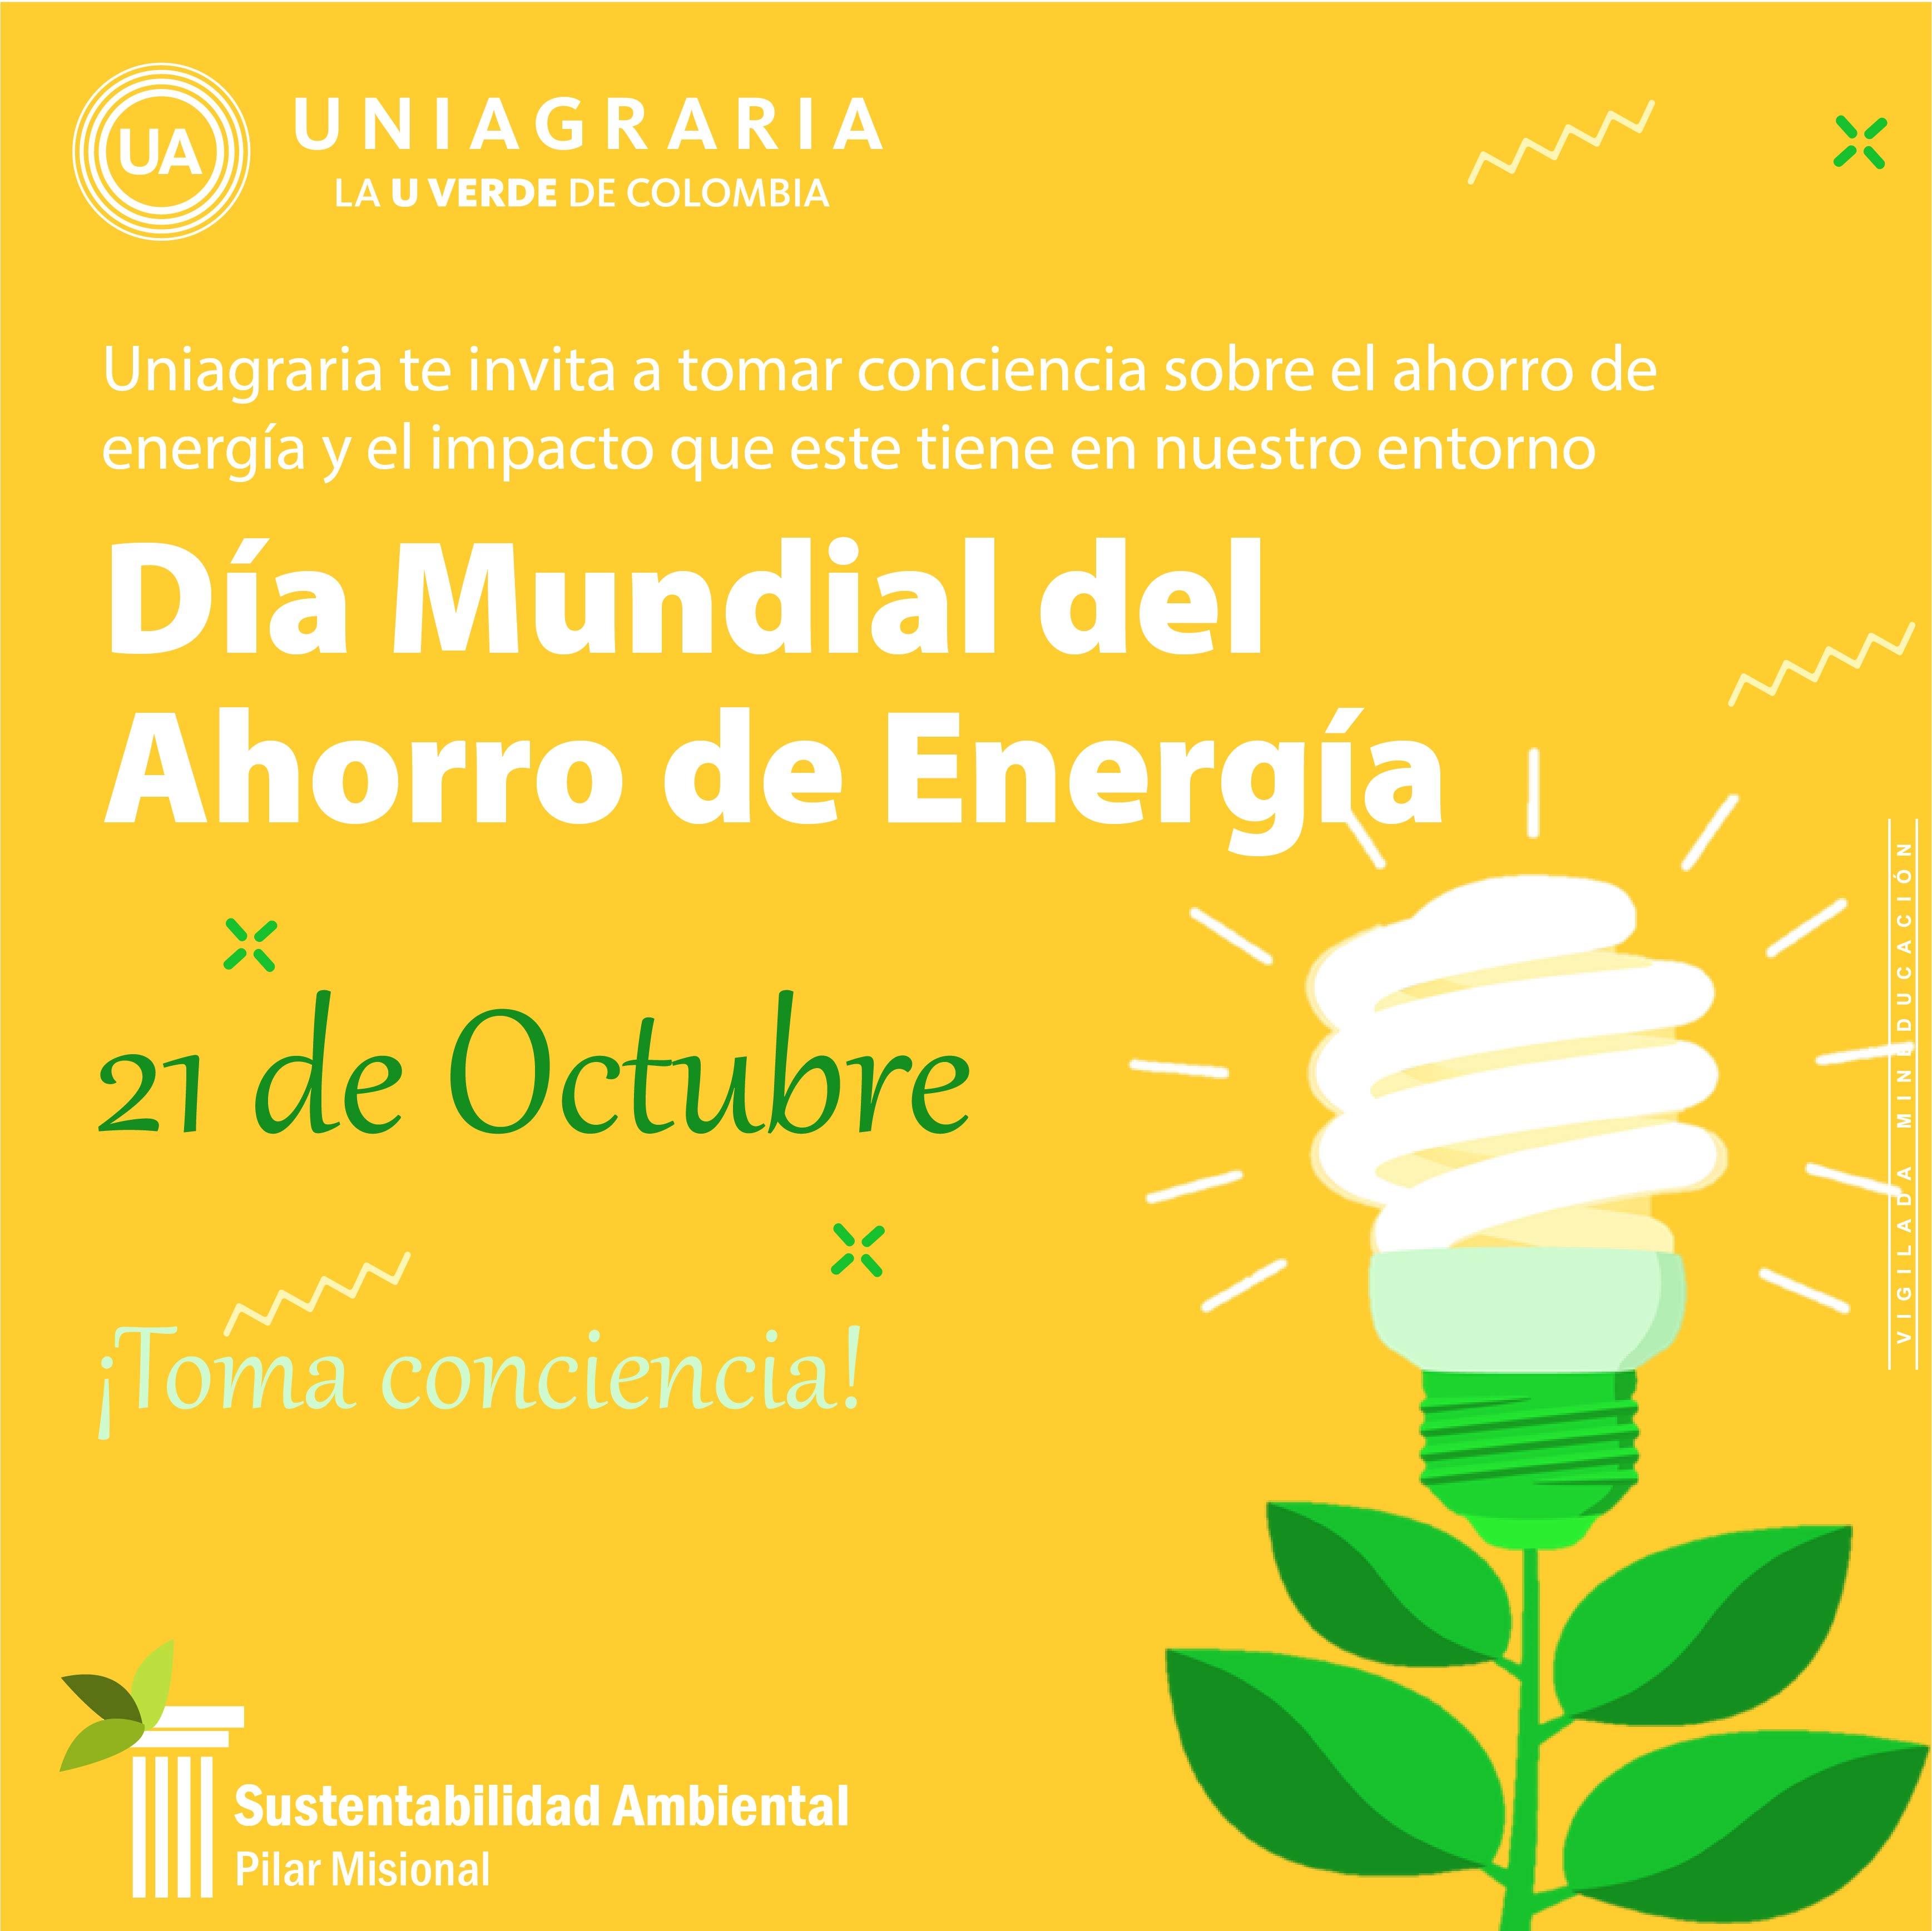 Día Mundial da la Ecología